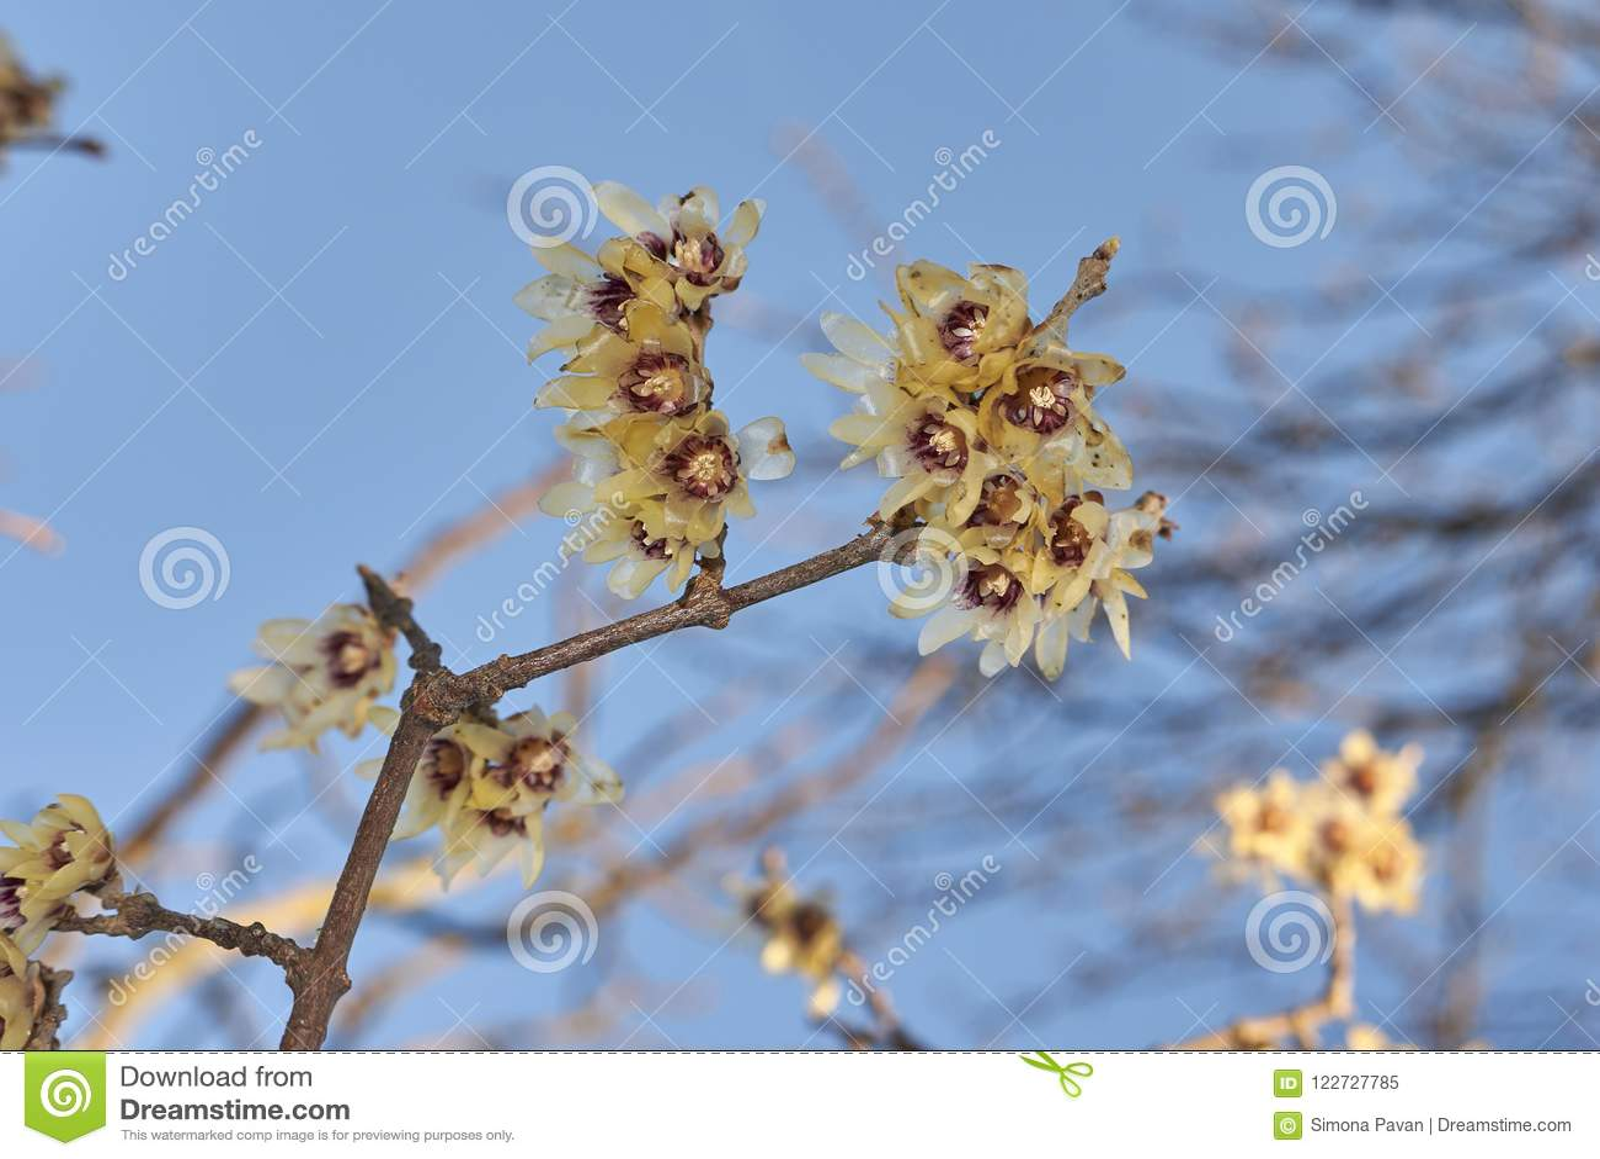 Calicanto Fiore D Inverno fiore di inverno della pianta del praecox del calycanthus